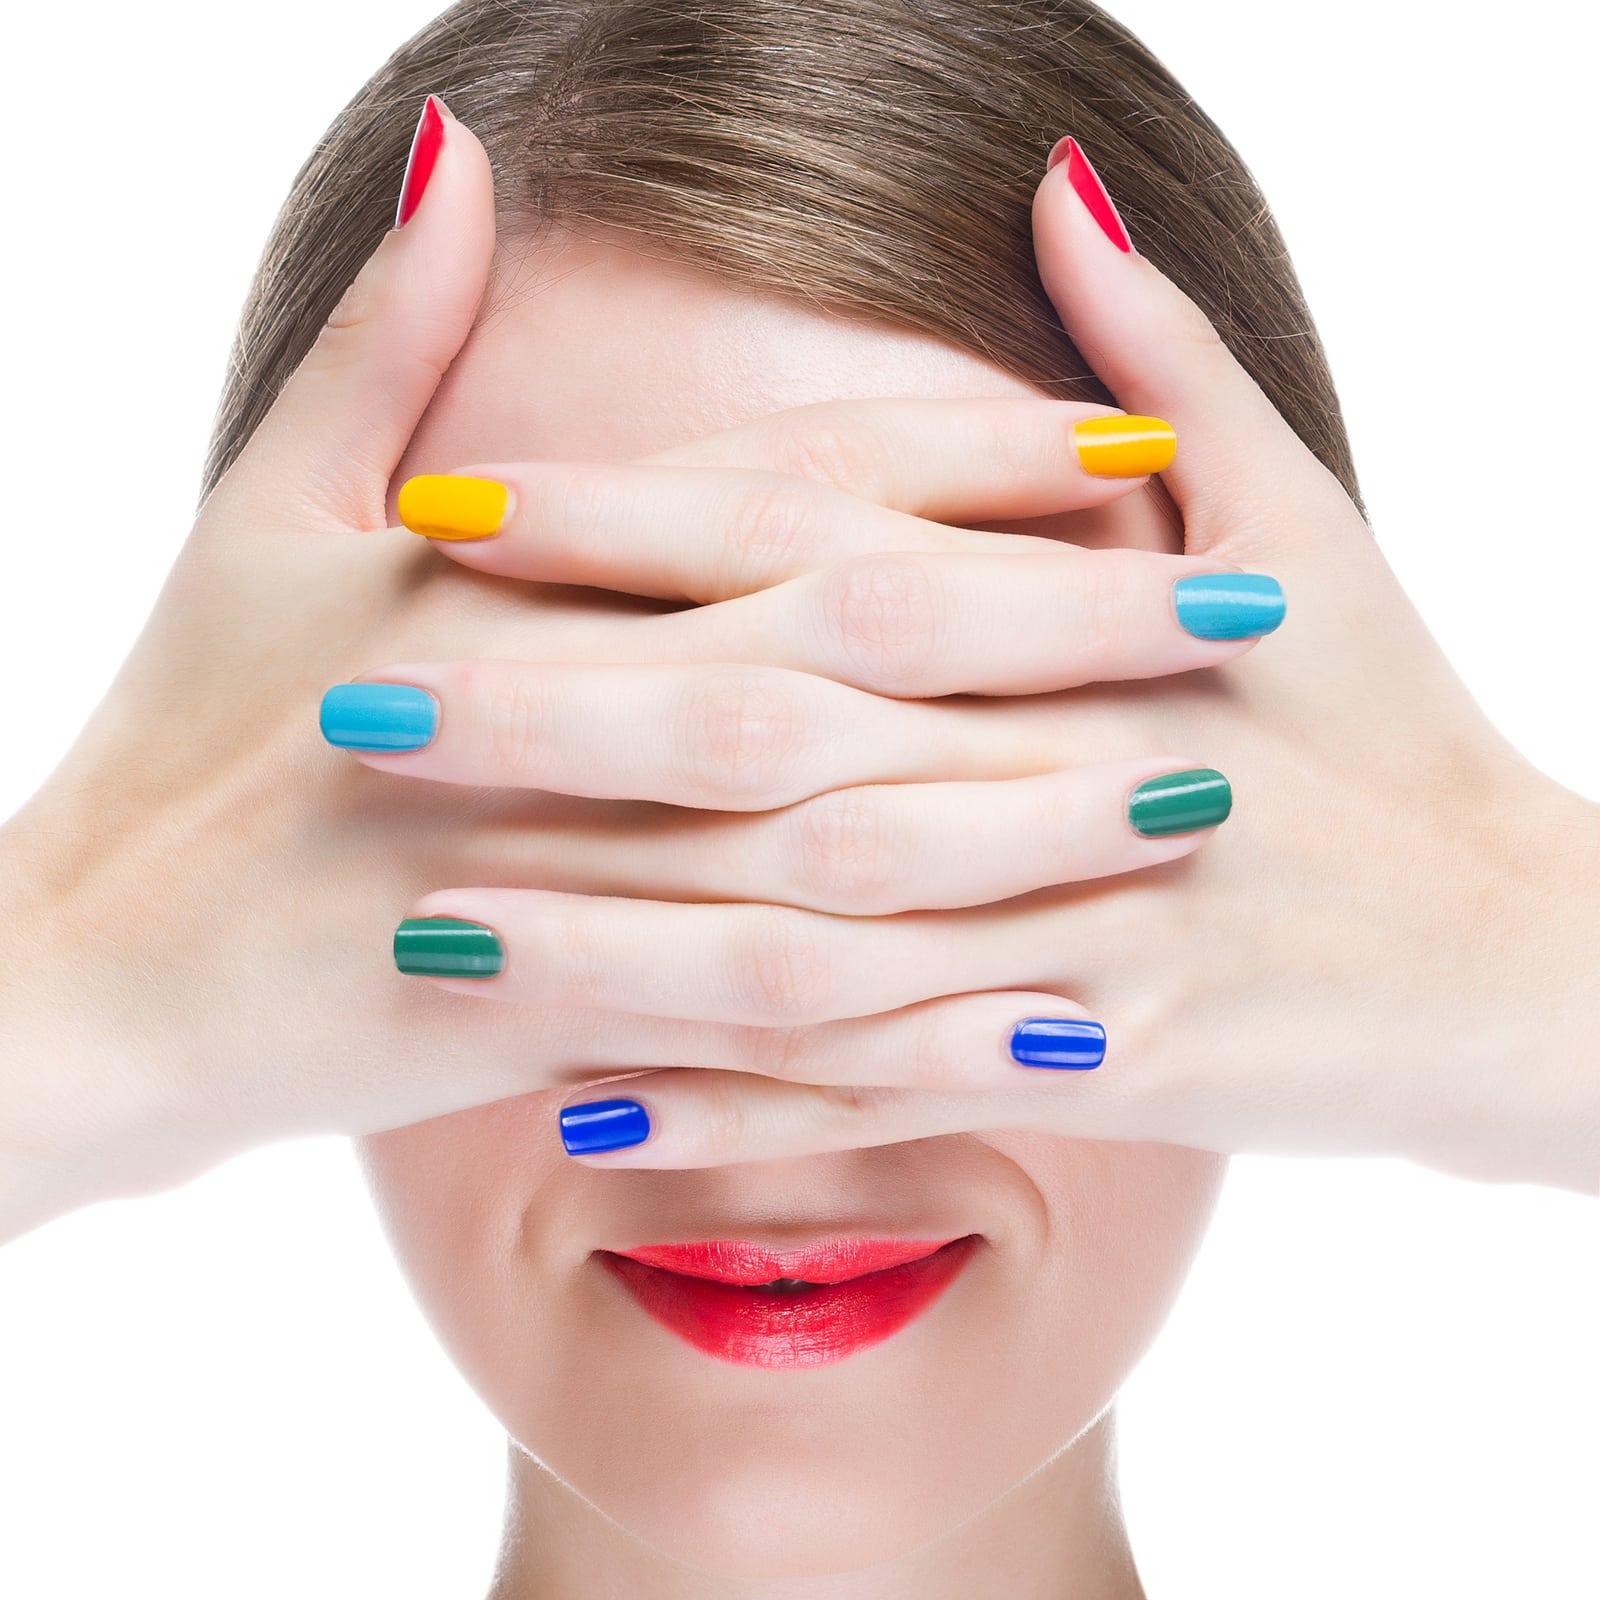 Acrylic Nails Vs Natural Nails And Gel Polish Vs Regular